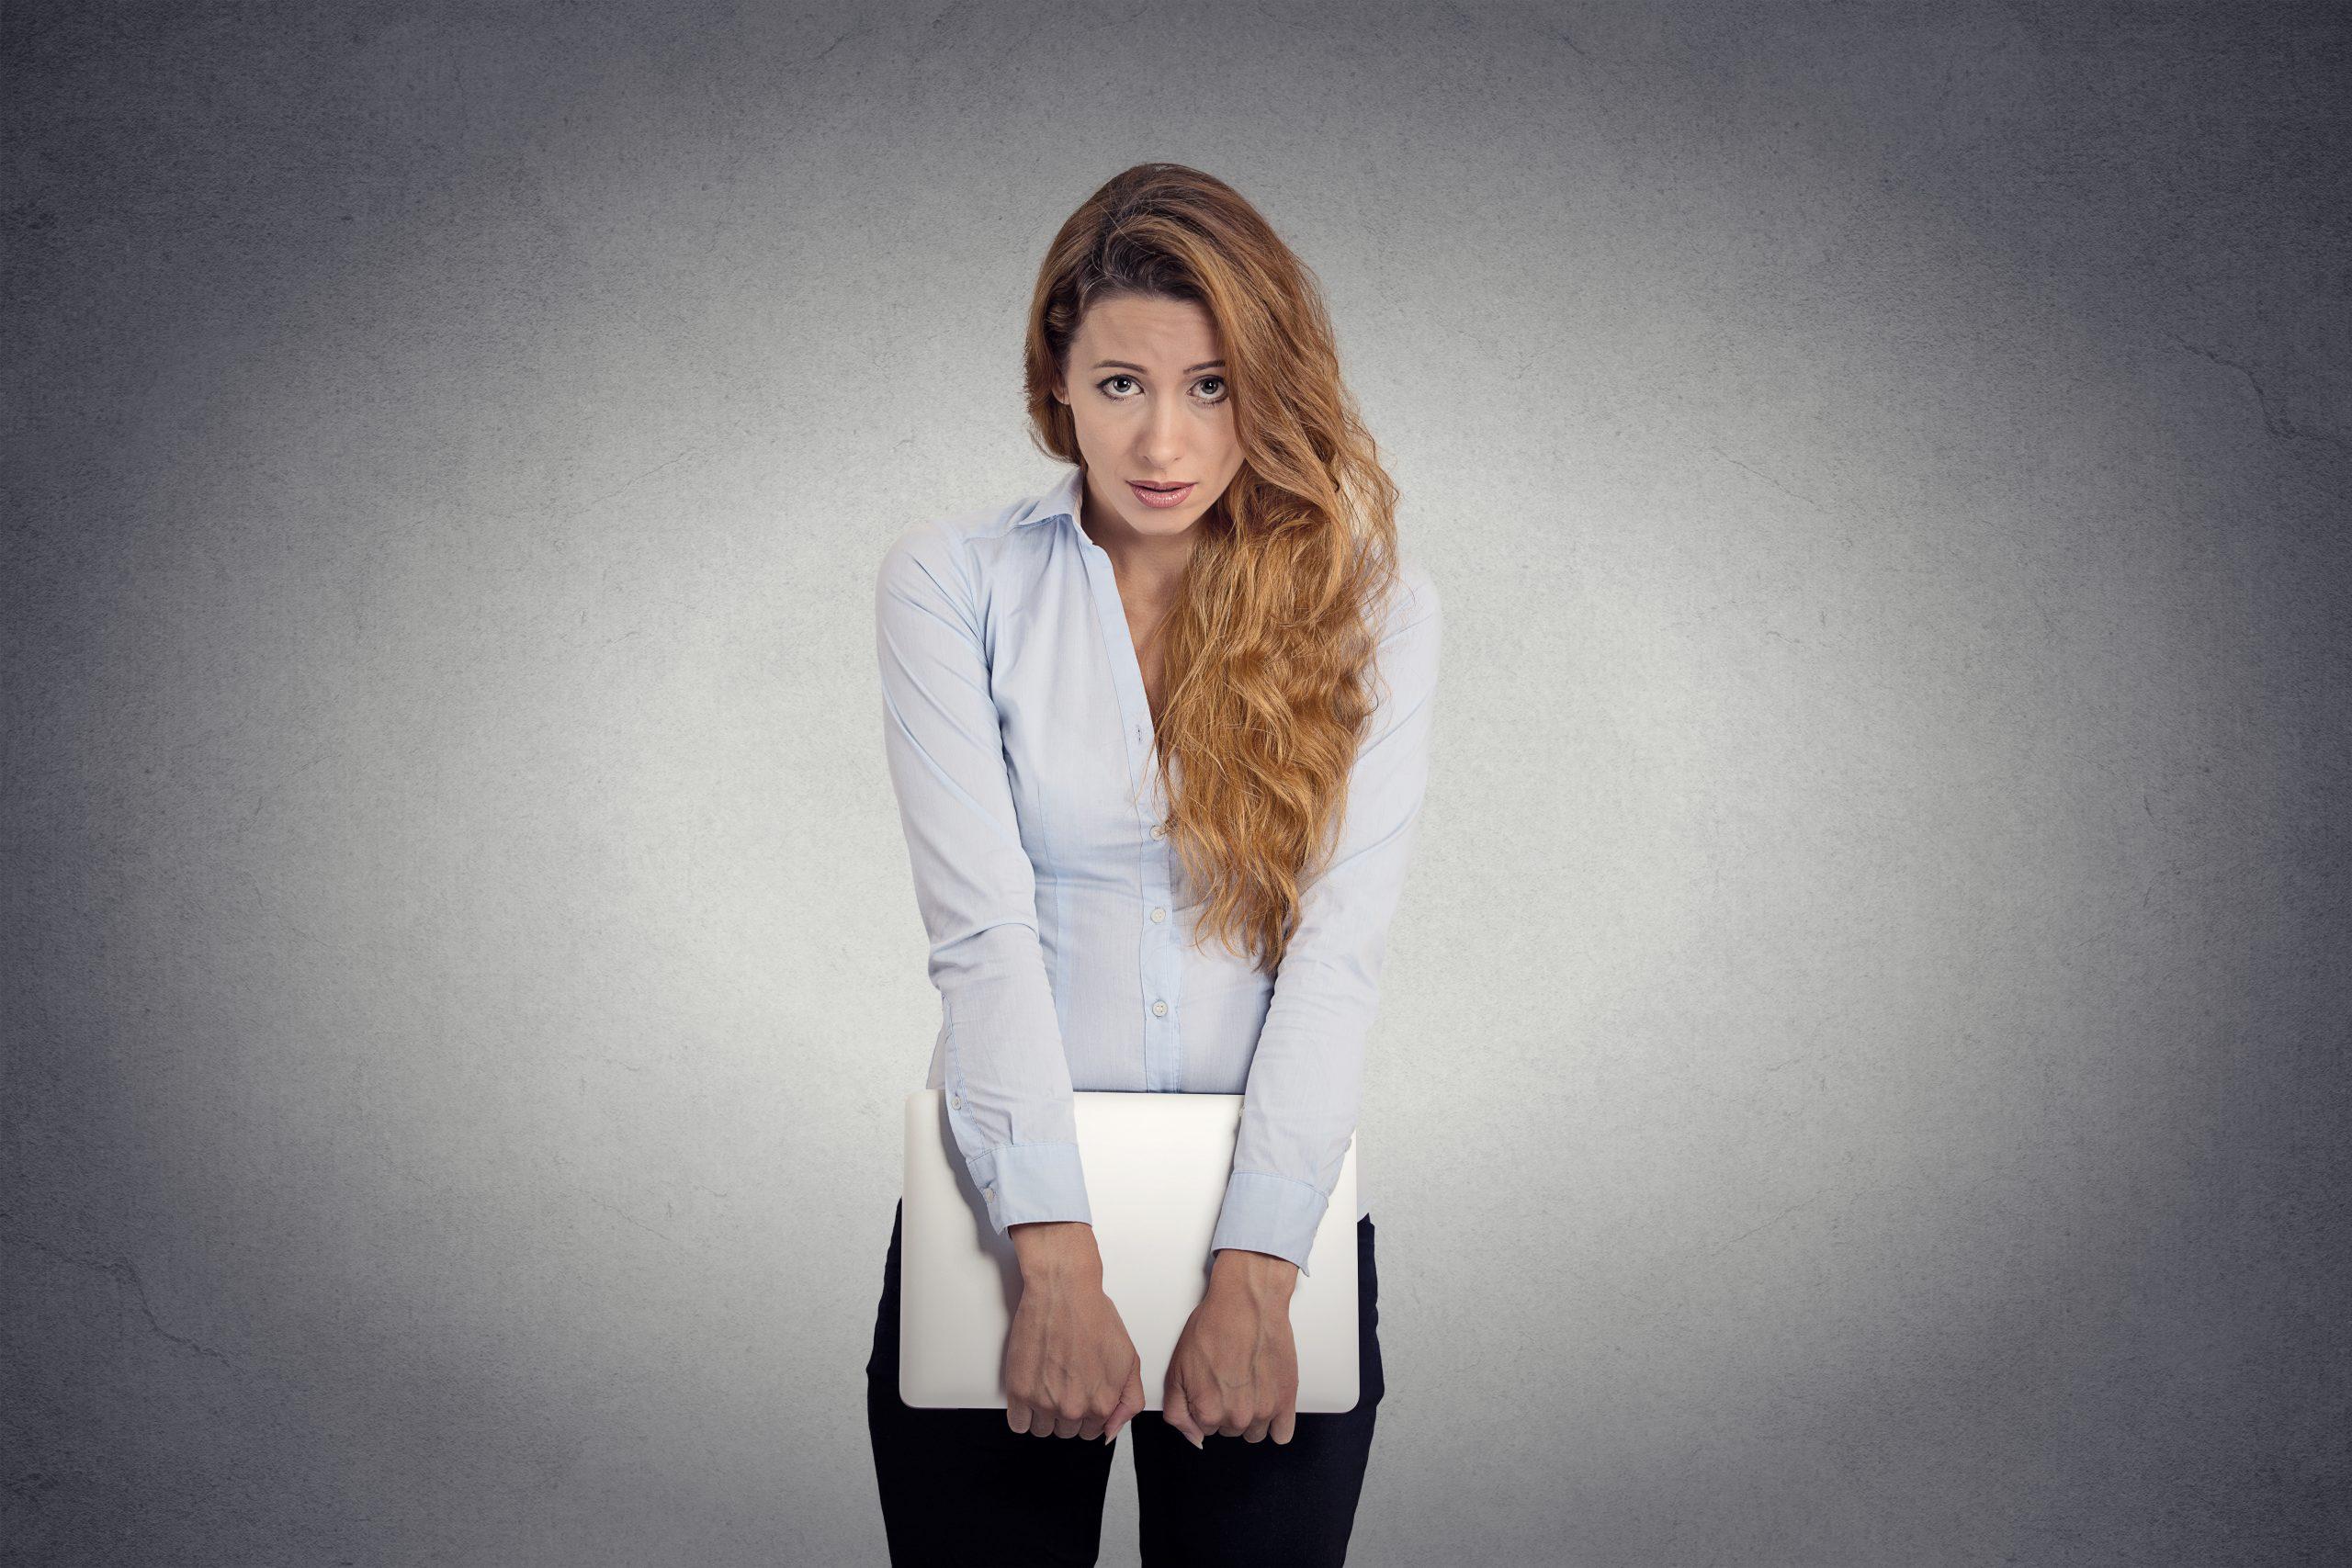 La sindrome dell'impostora